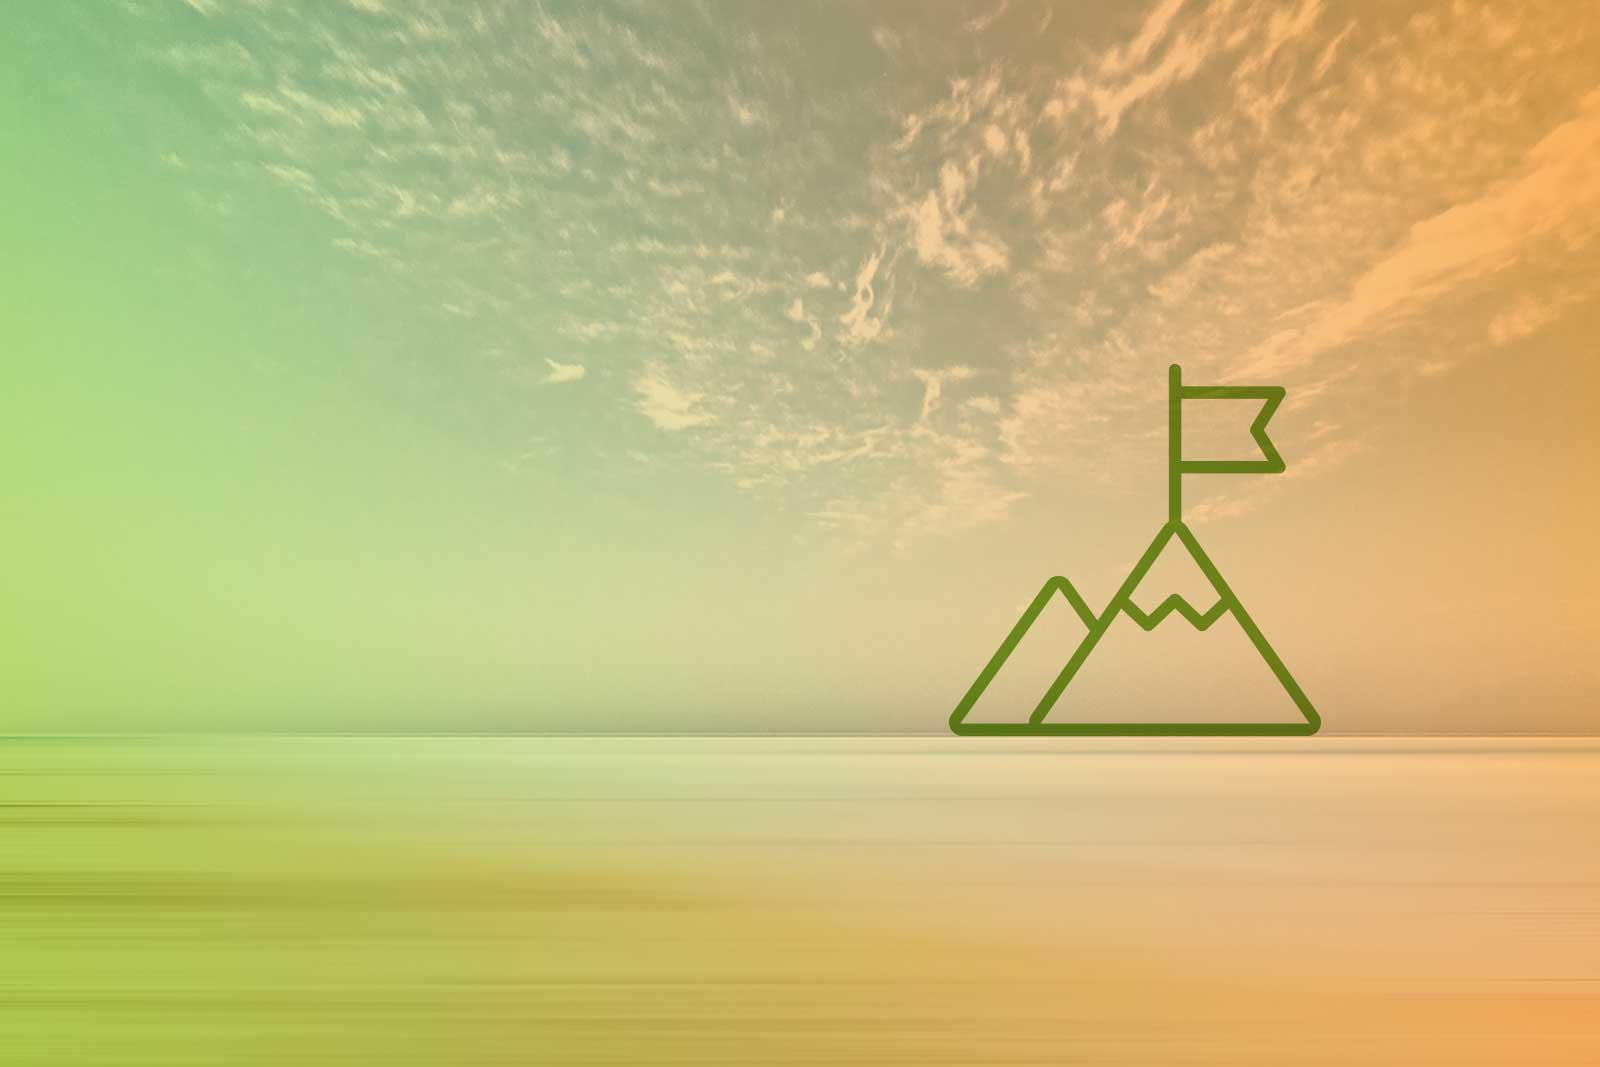 Imagem de um horizonte com um ícone de uma montanha